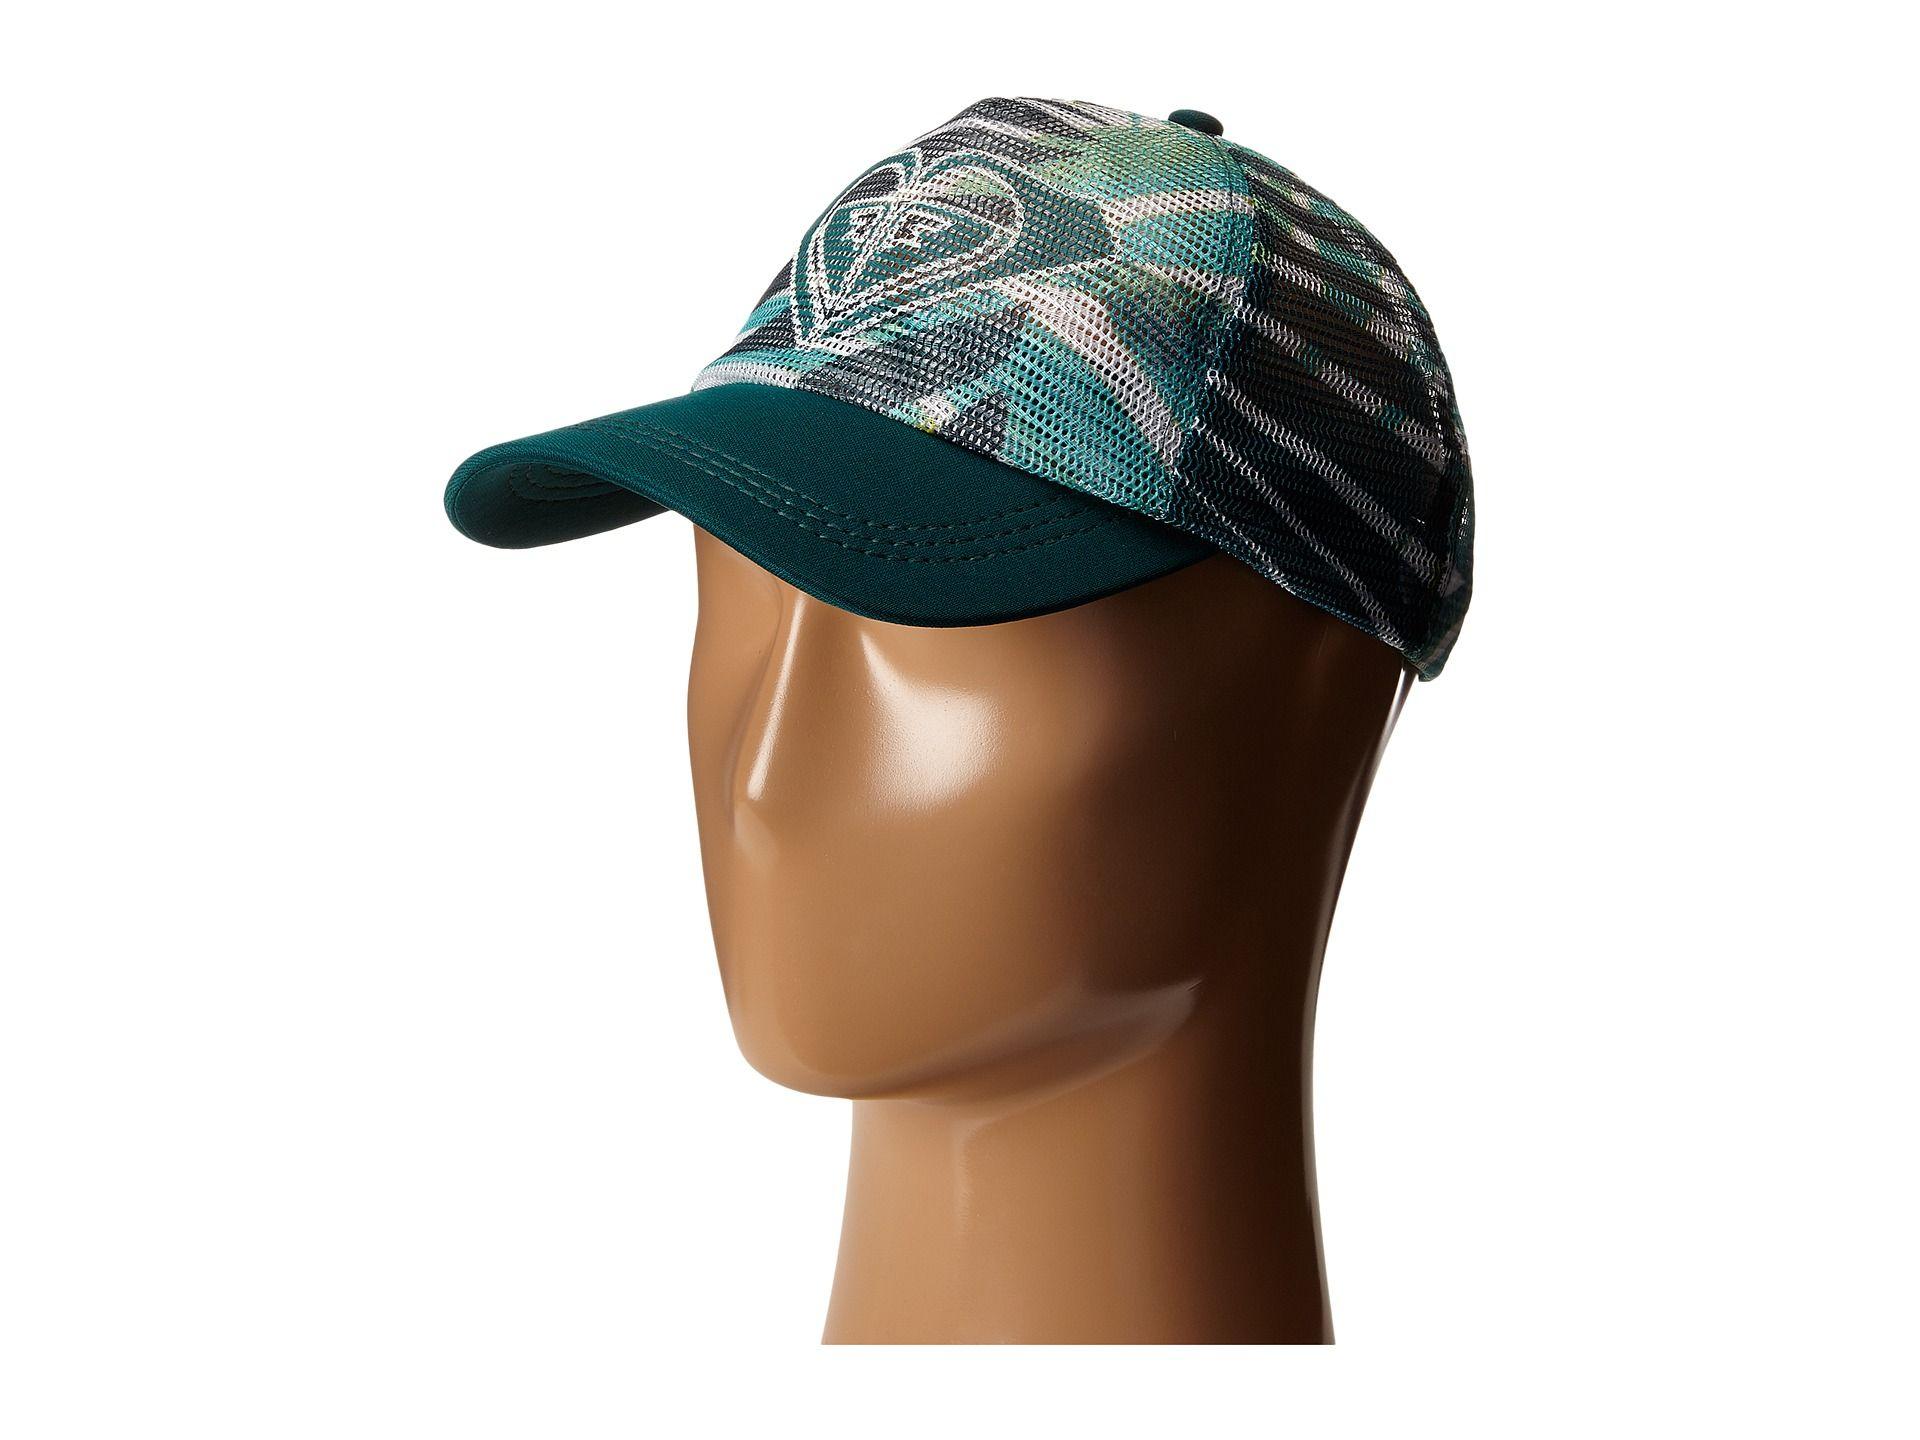 0d0a637eacc Roxy Your Baby Trucker Hat